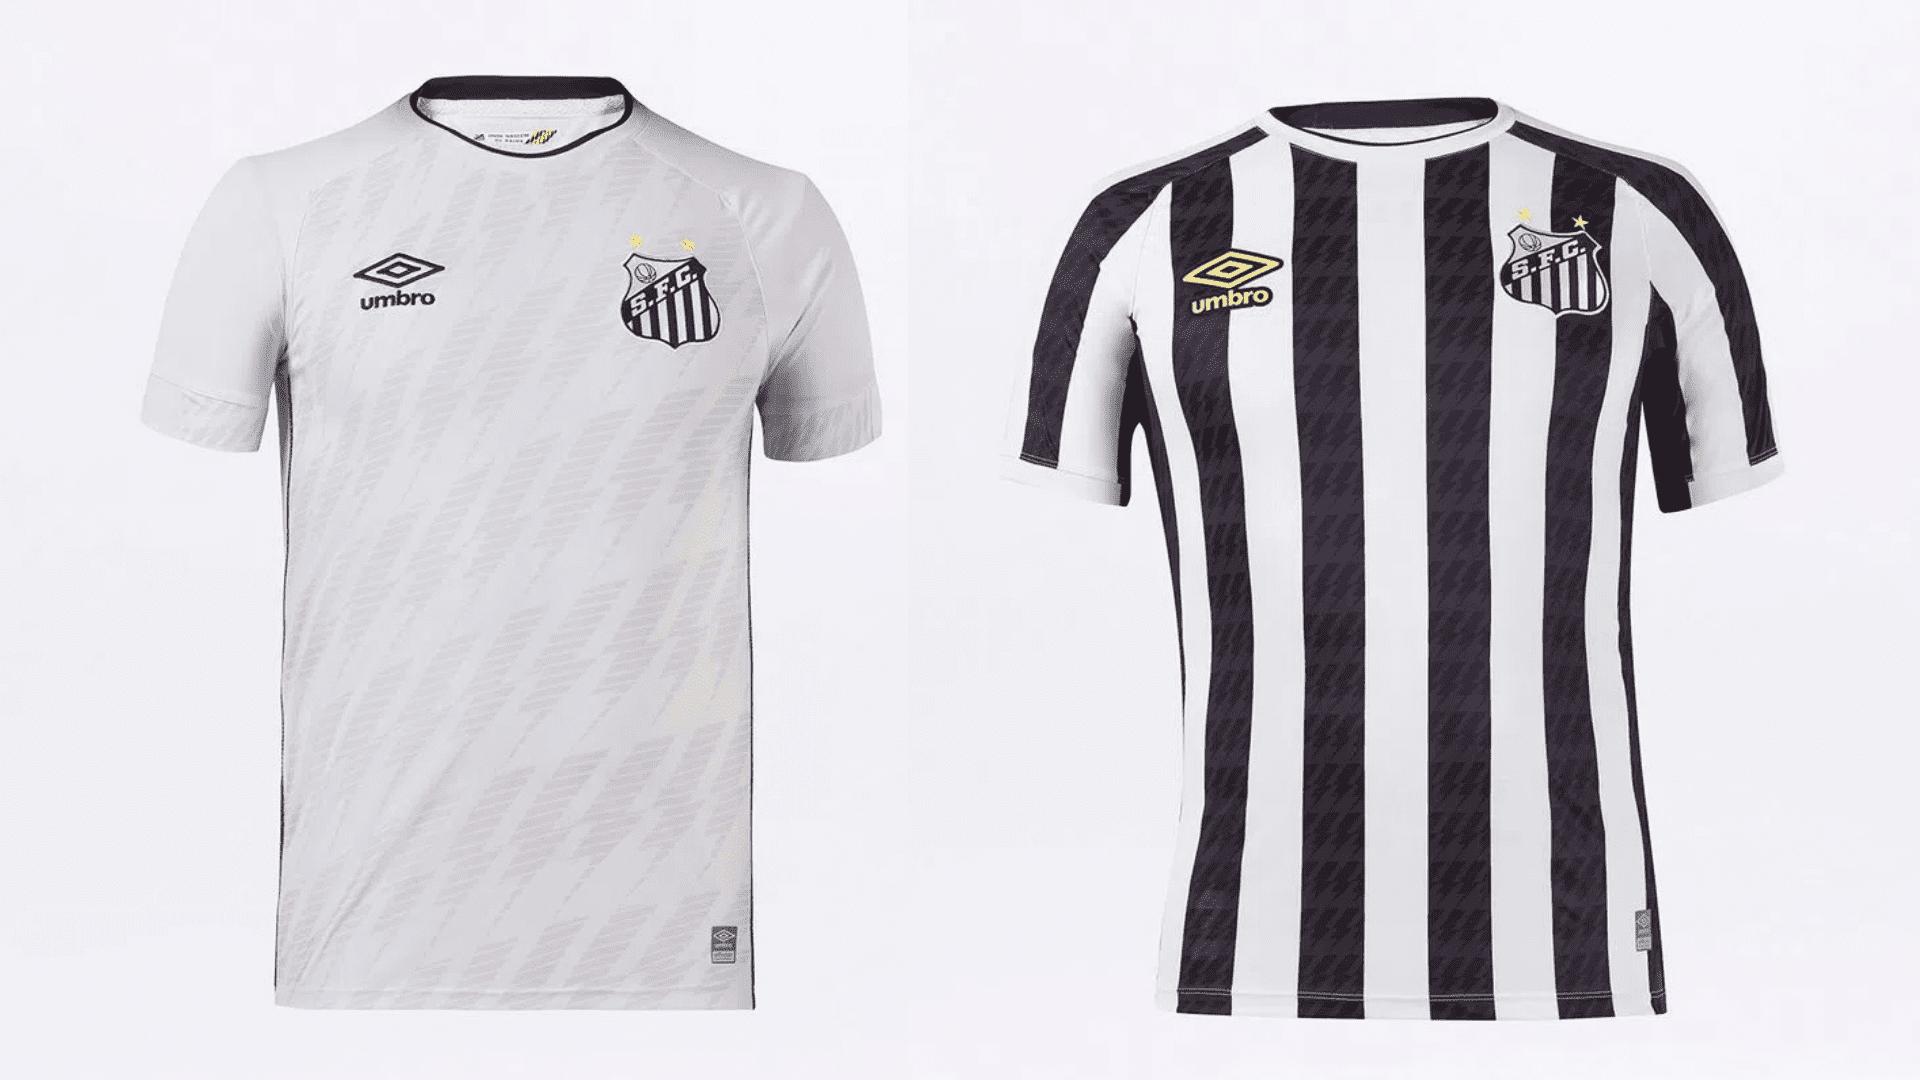 Camisa do Santos 2021 Umbro Jogo 1 e 2 (Imagem: Divulgação/Umbro)